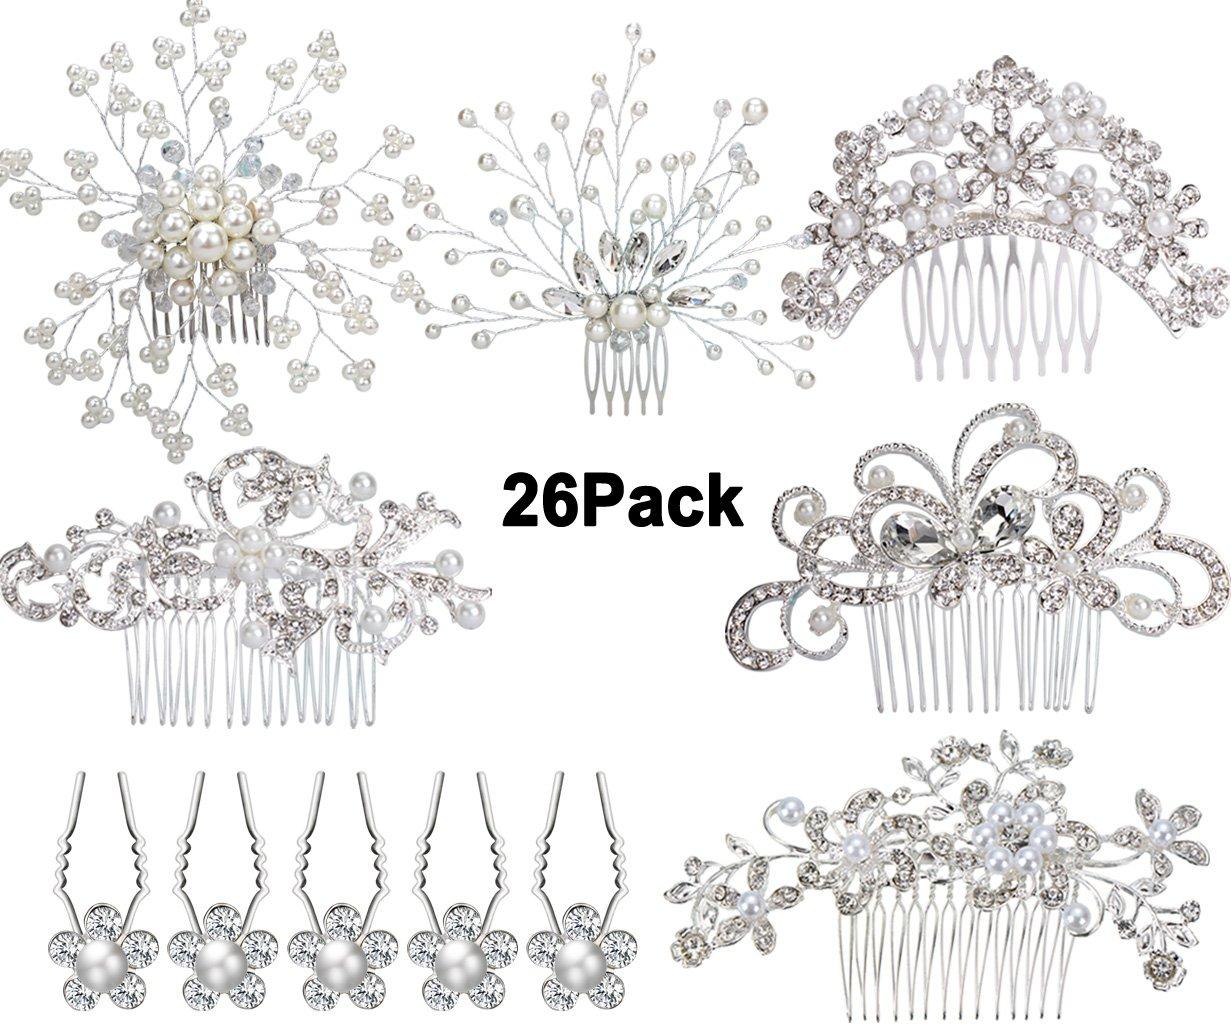 6pcs Bridal Wedding Hair Combs+20pcs Crystal Hair Pins Hair Clips for Women Bridal Wedding Headpiece for Bridesmaids by Jaciya